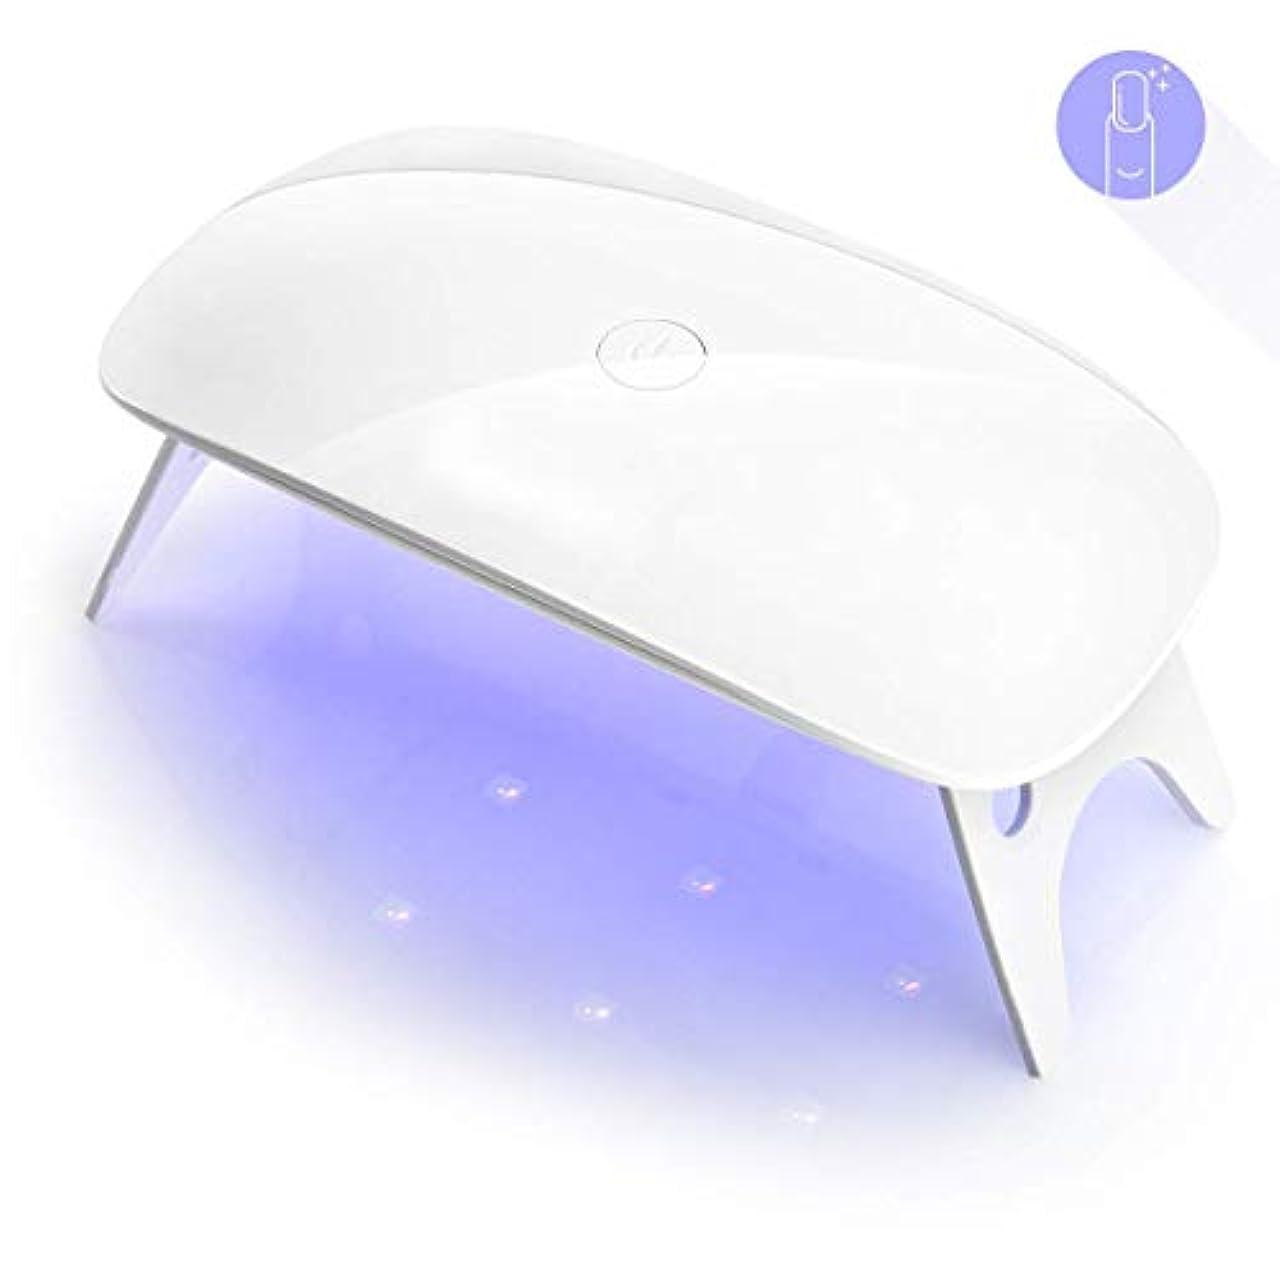 素晴らしい花手書きZMiw LEDネイルドライヤー UVライト タイマー設定可能 折りたたみ式手足とも使える 人感センサー式 LED 硬化ライト UV と LEDダブルライト ジェルネイル用 ホワイト (white)